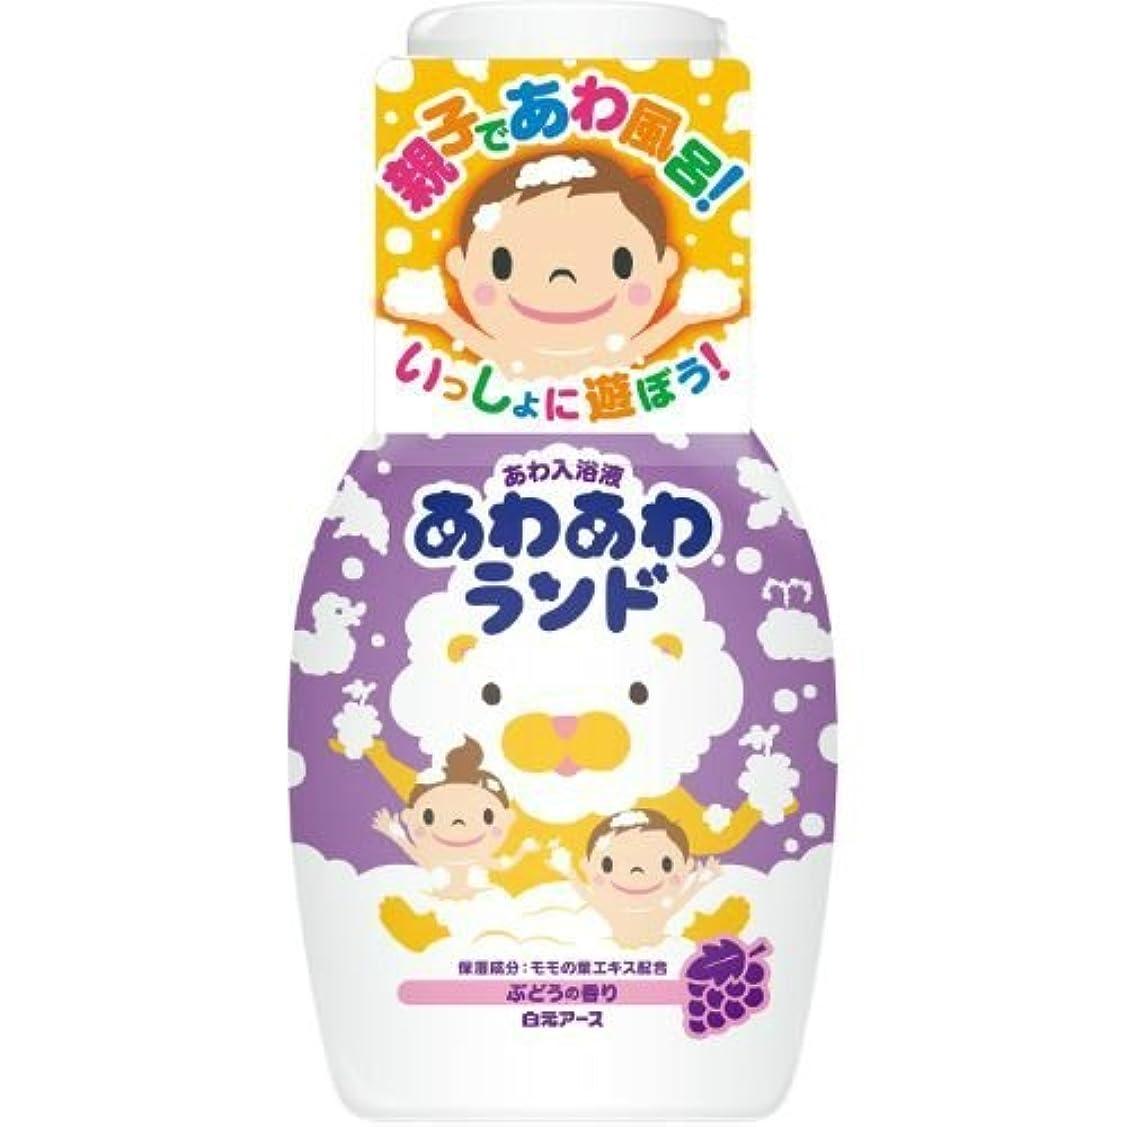 可動式二年生ハッピーあわあわランド ぶどうの香り × 10個セット